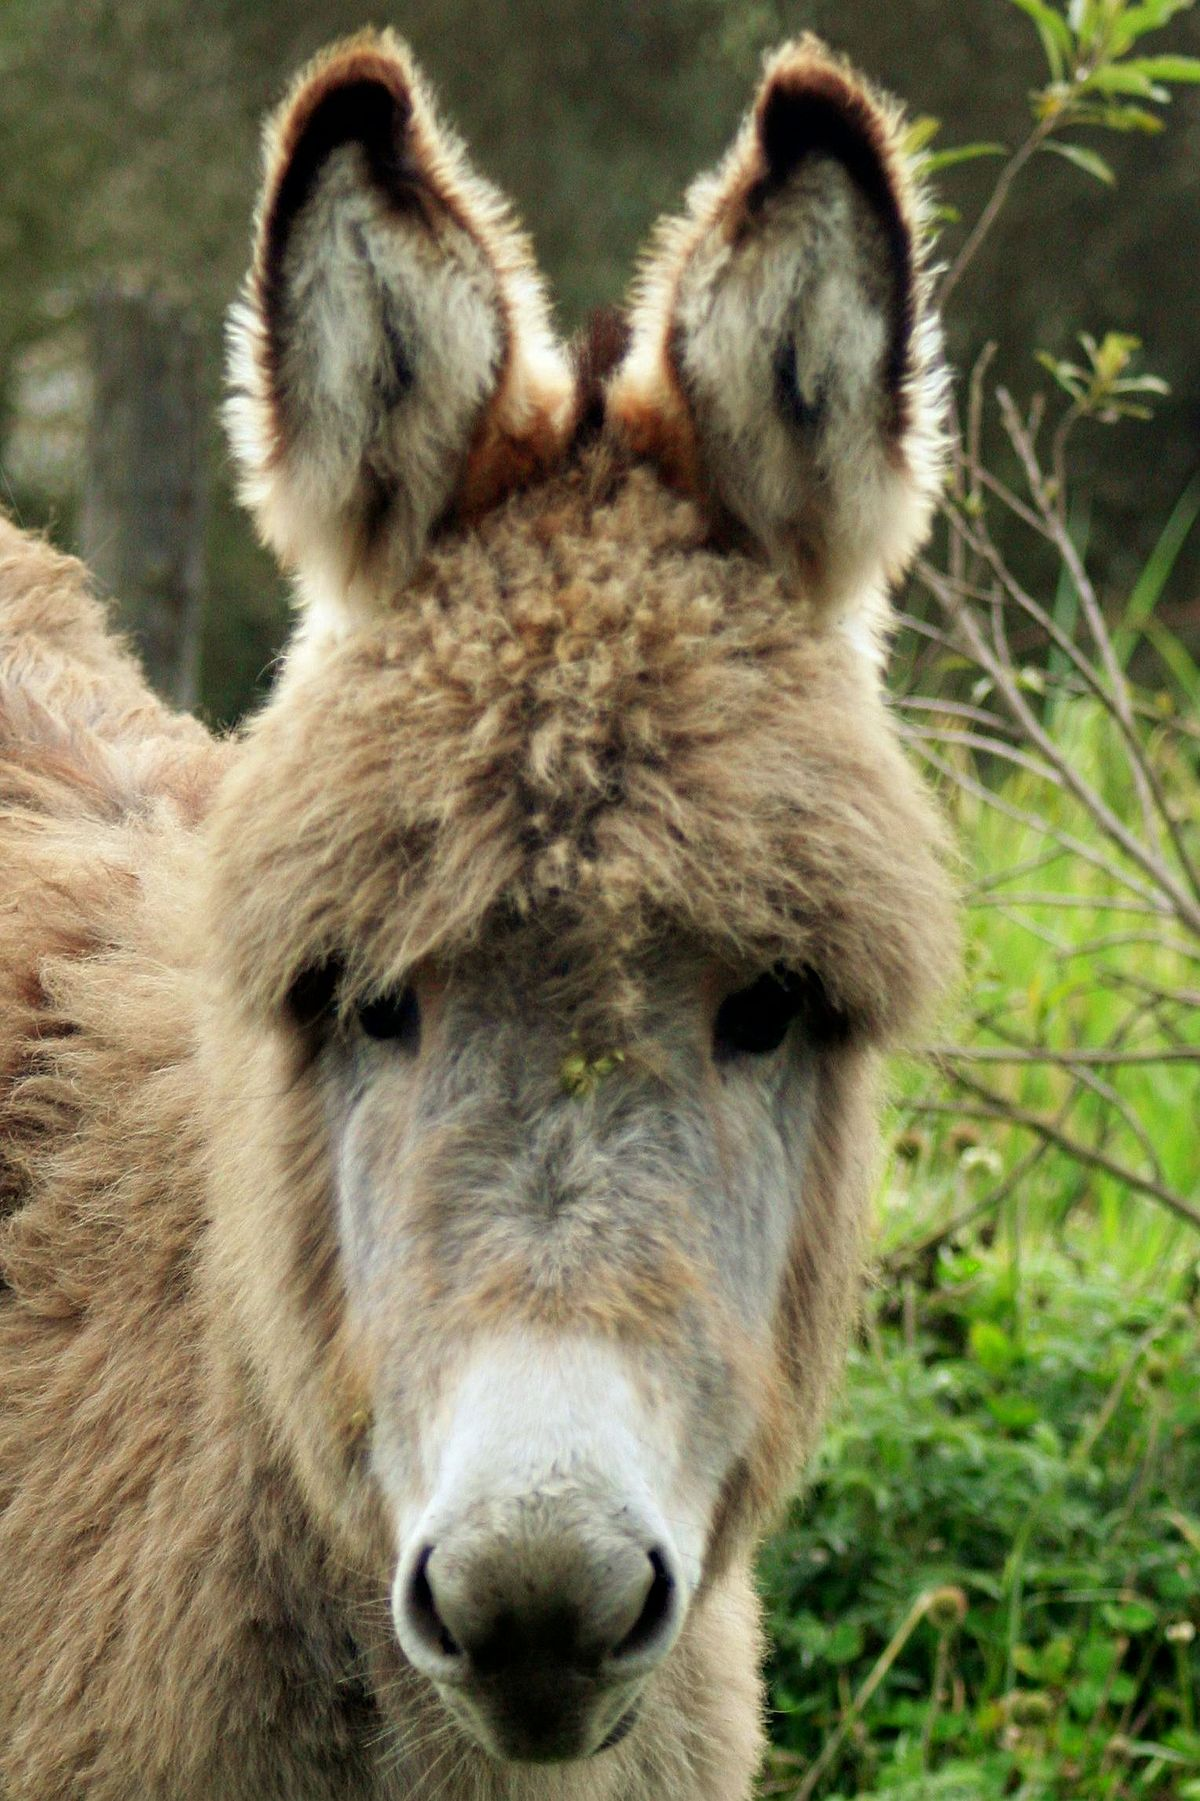 Burrito de páramo (Páramo baby donkey).jpg